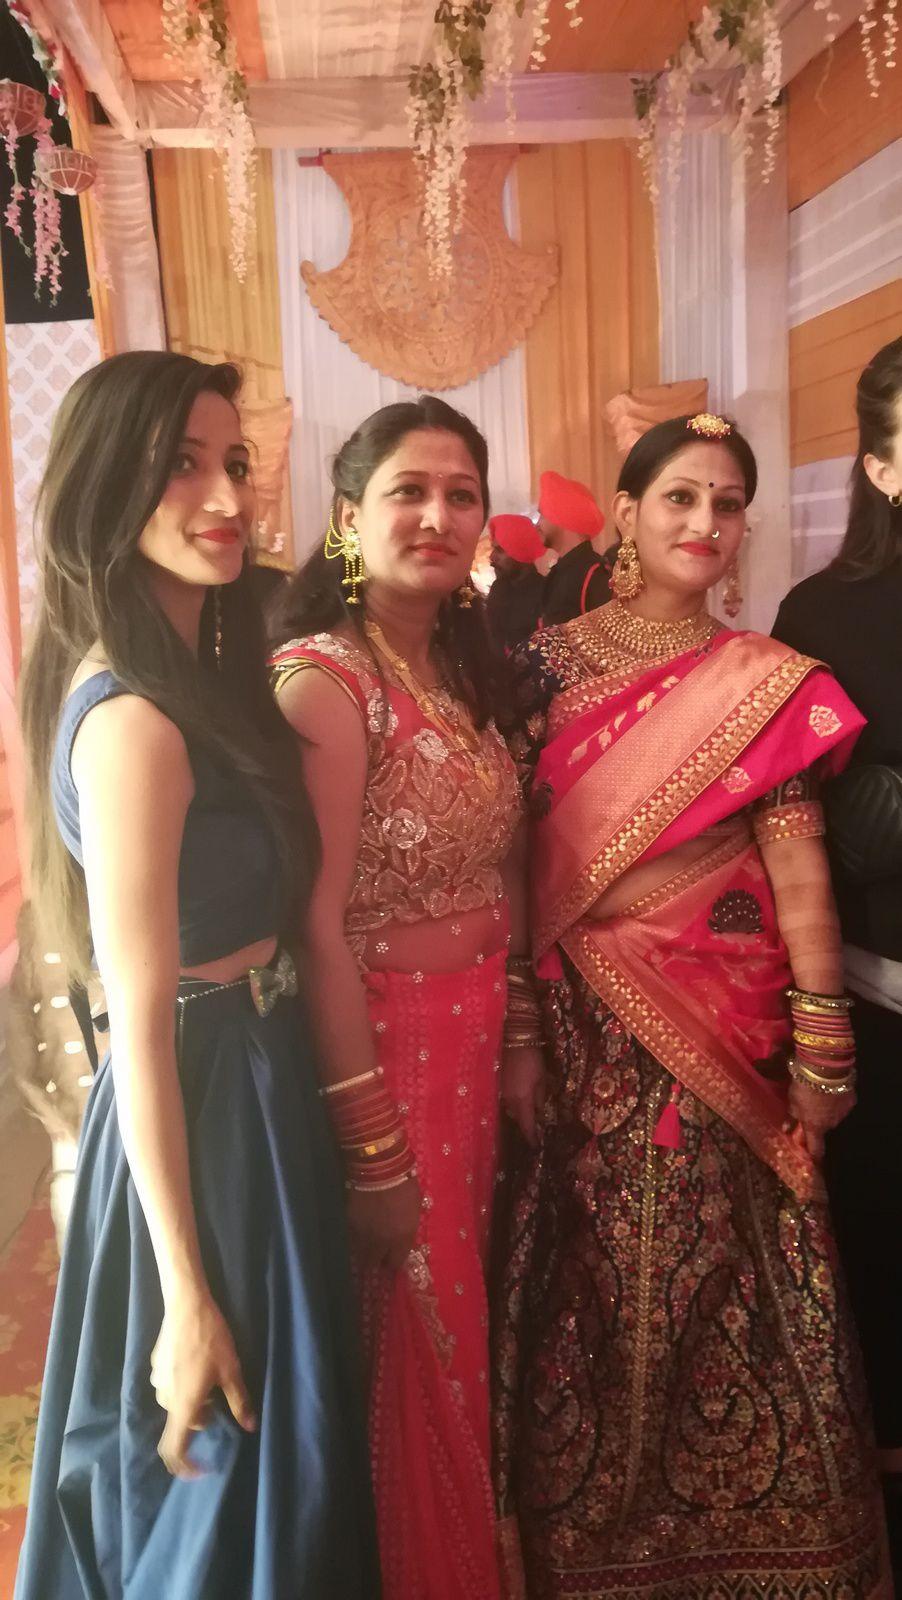 Les beautés indiennes